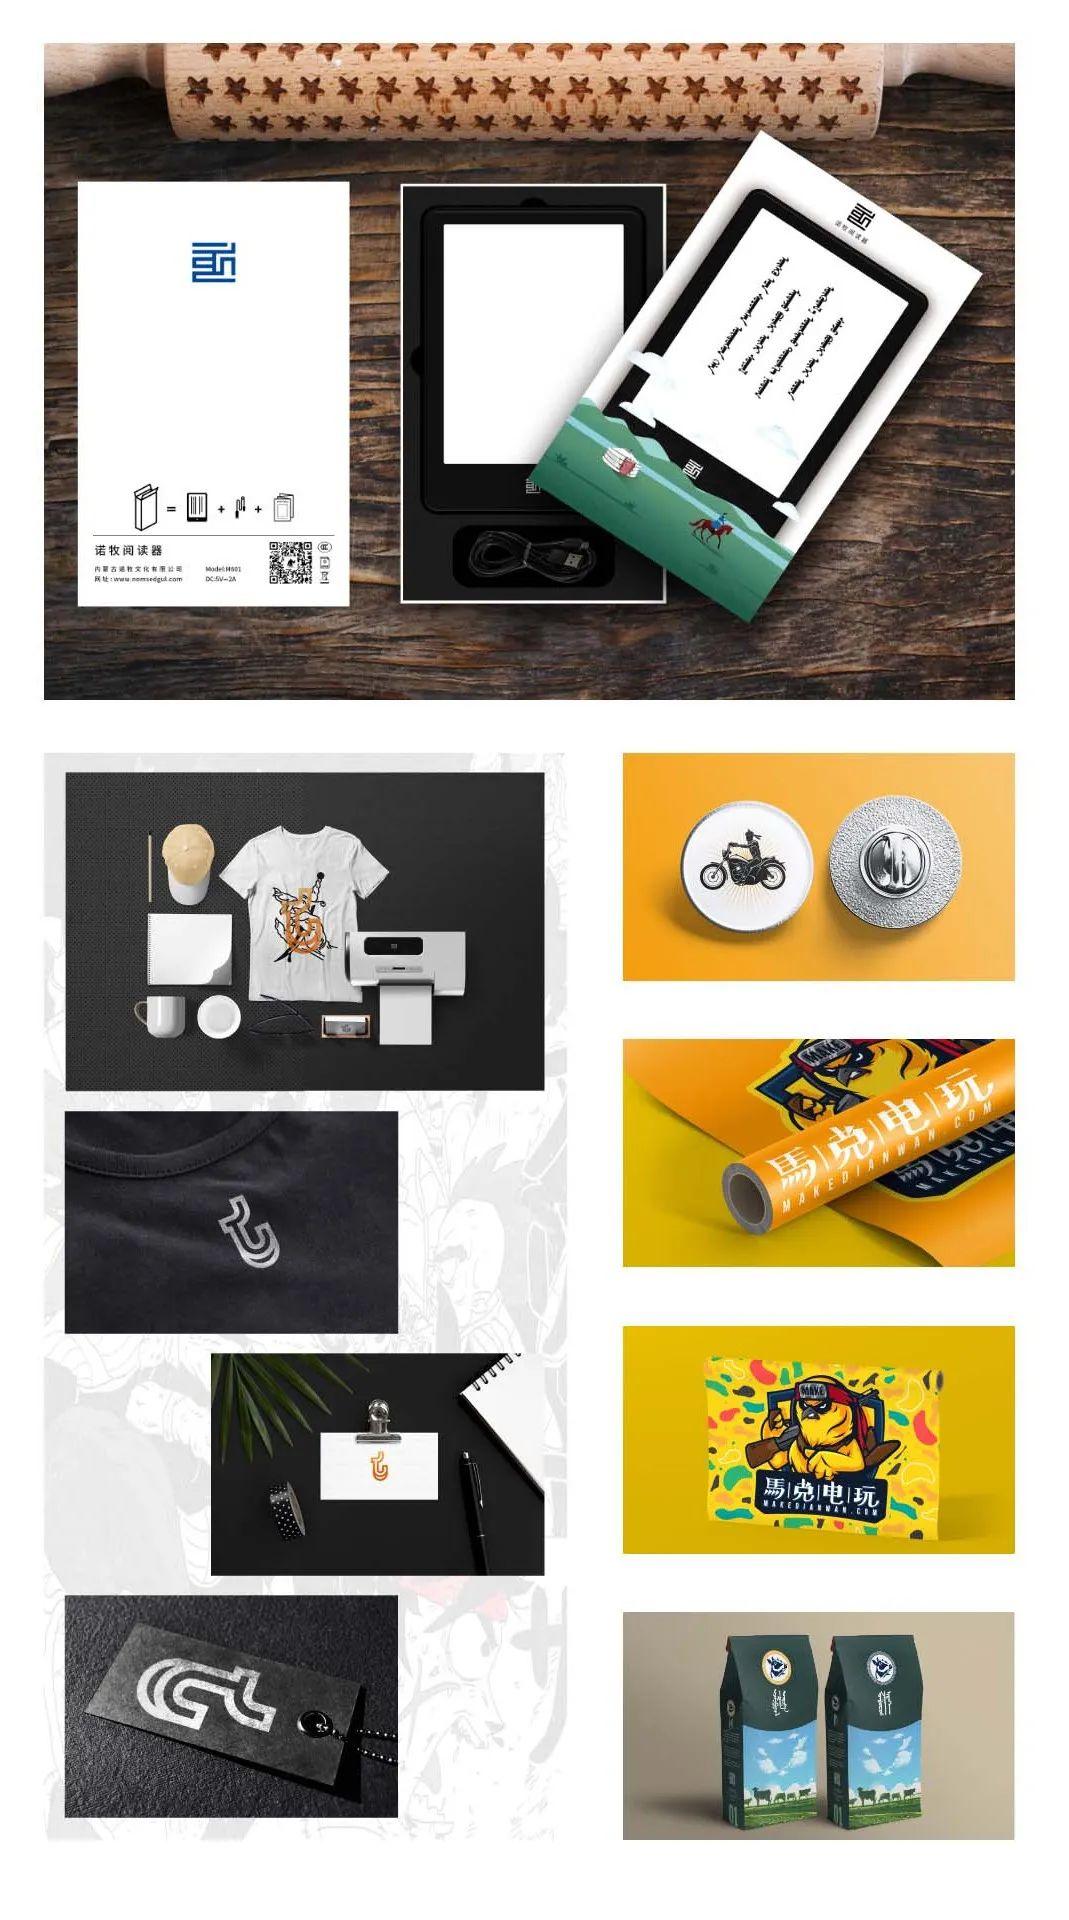 超赞的蒙元素设计-看完马上收藏 #Hotoch-Design#设计案例 第18张